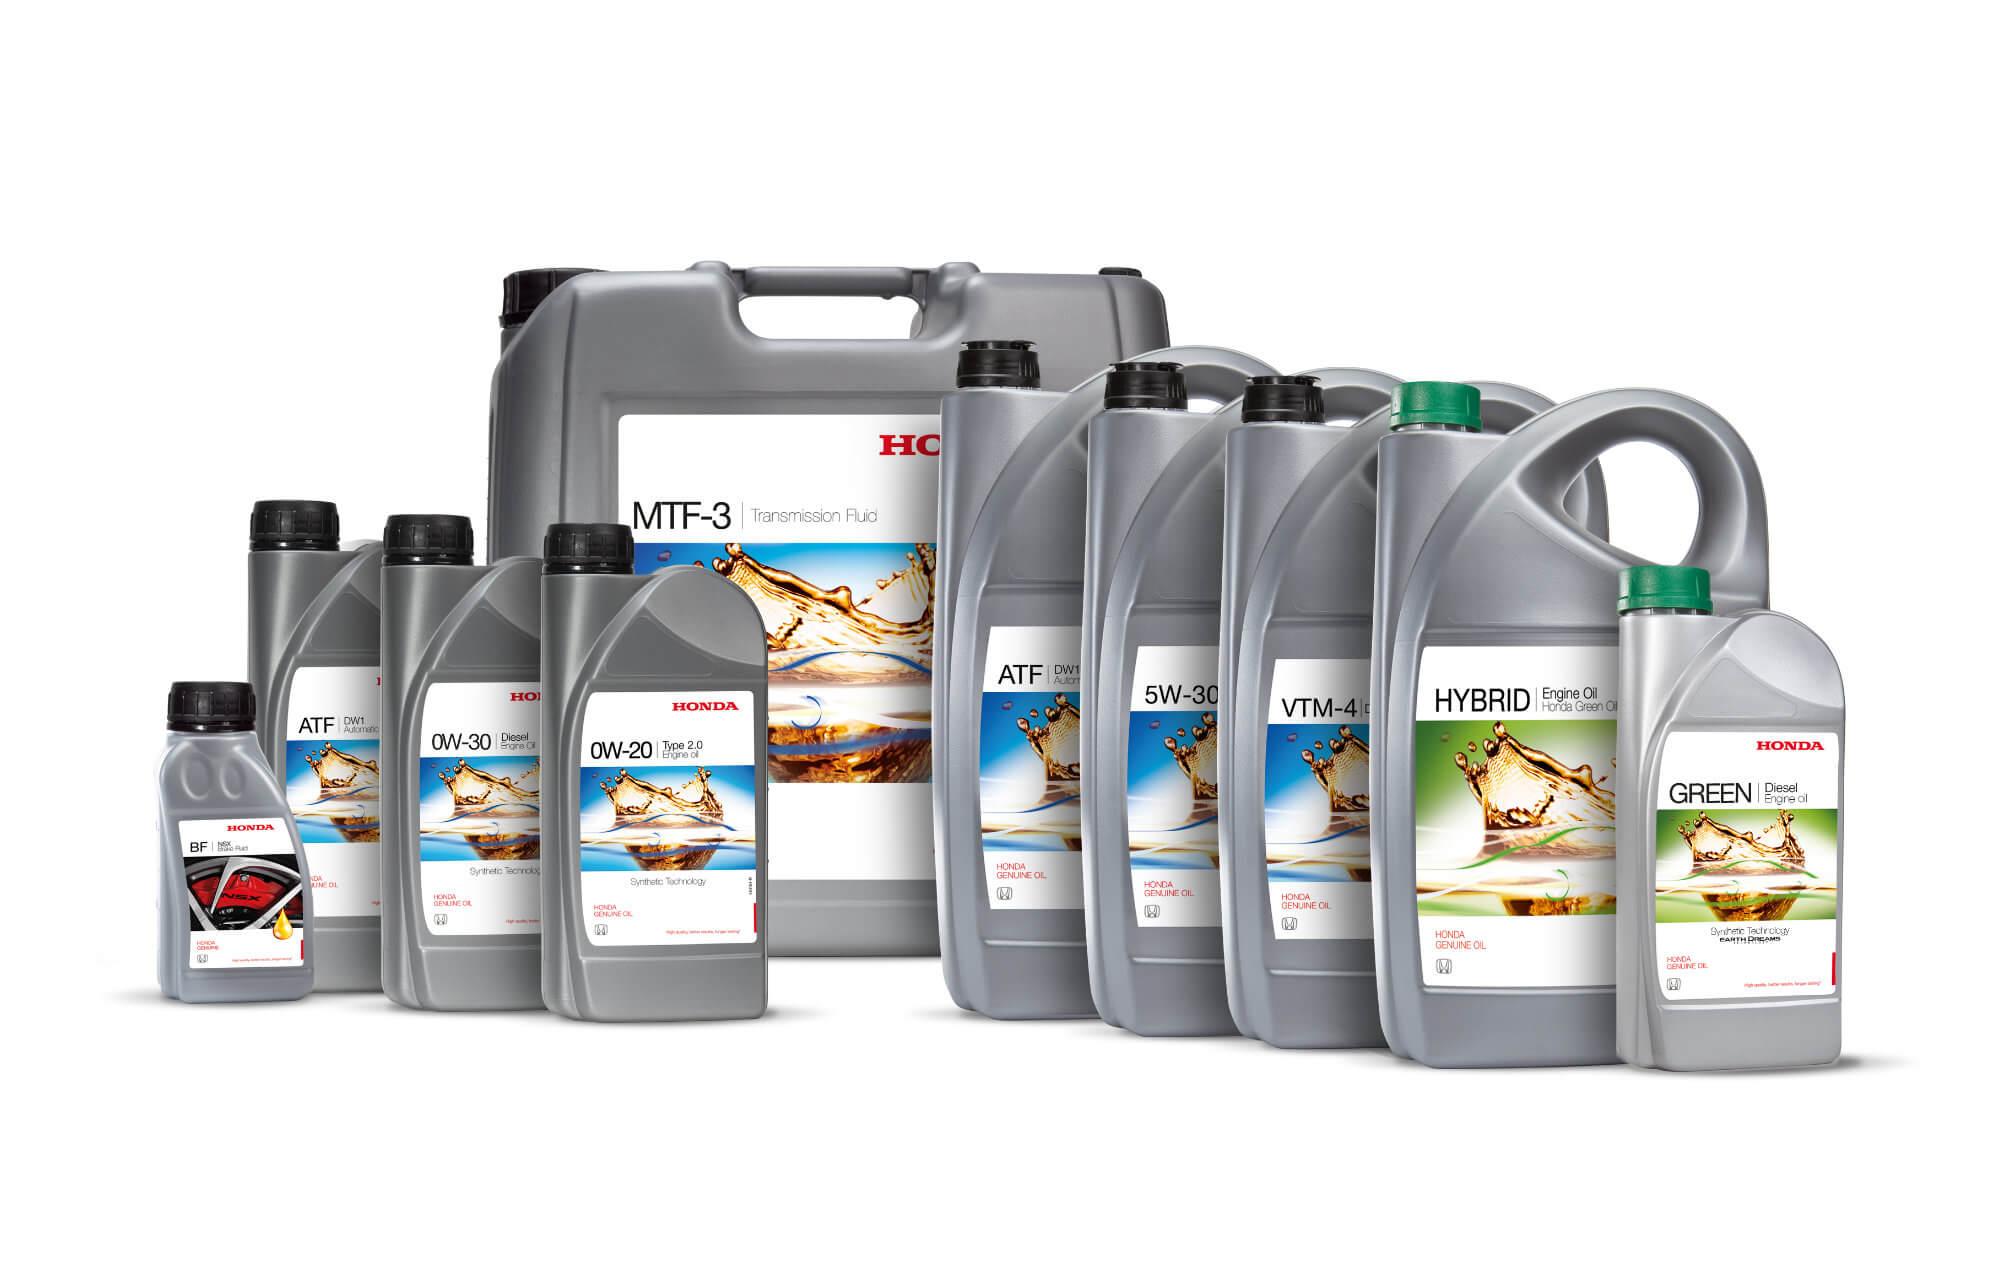 Honda Genuine Oils & Fluids